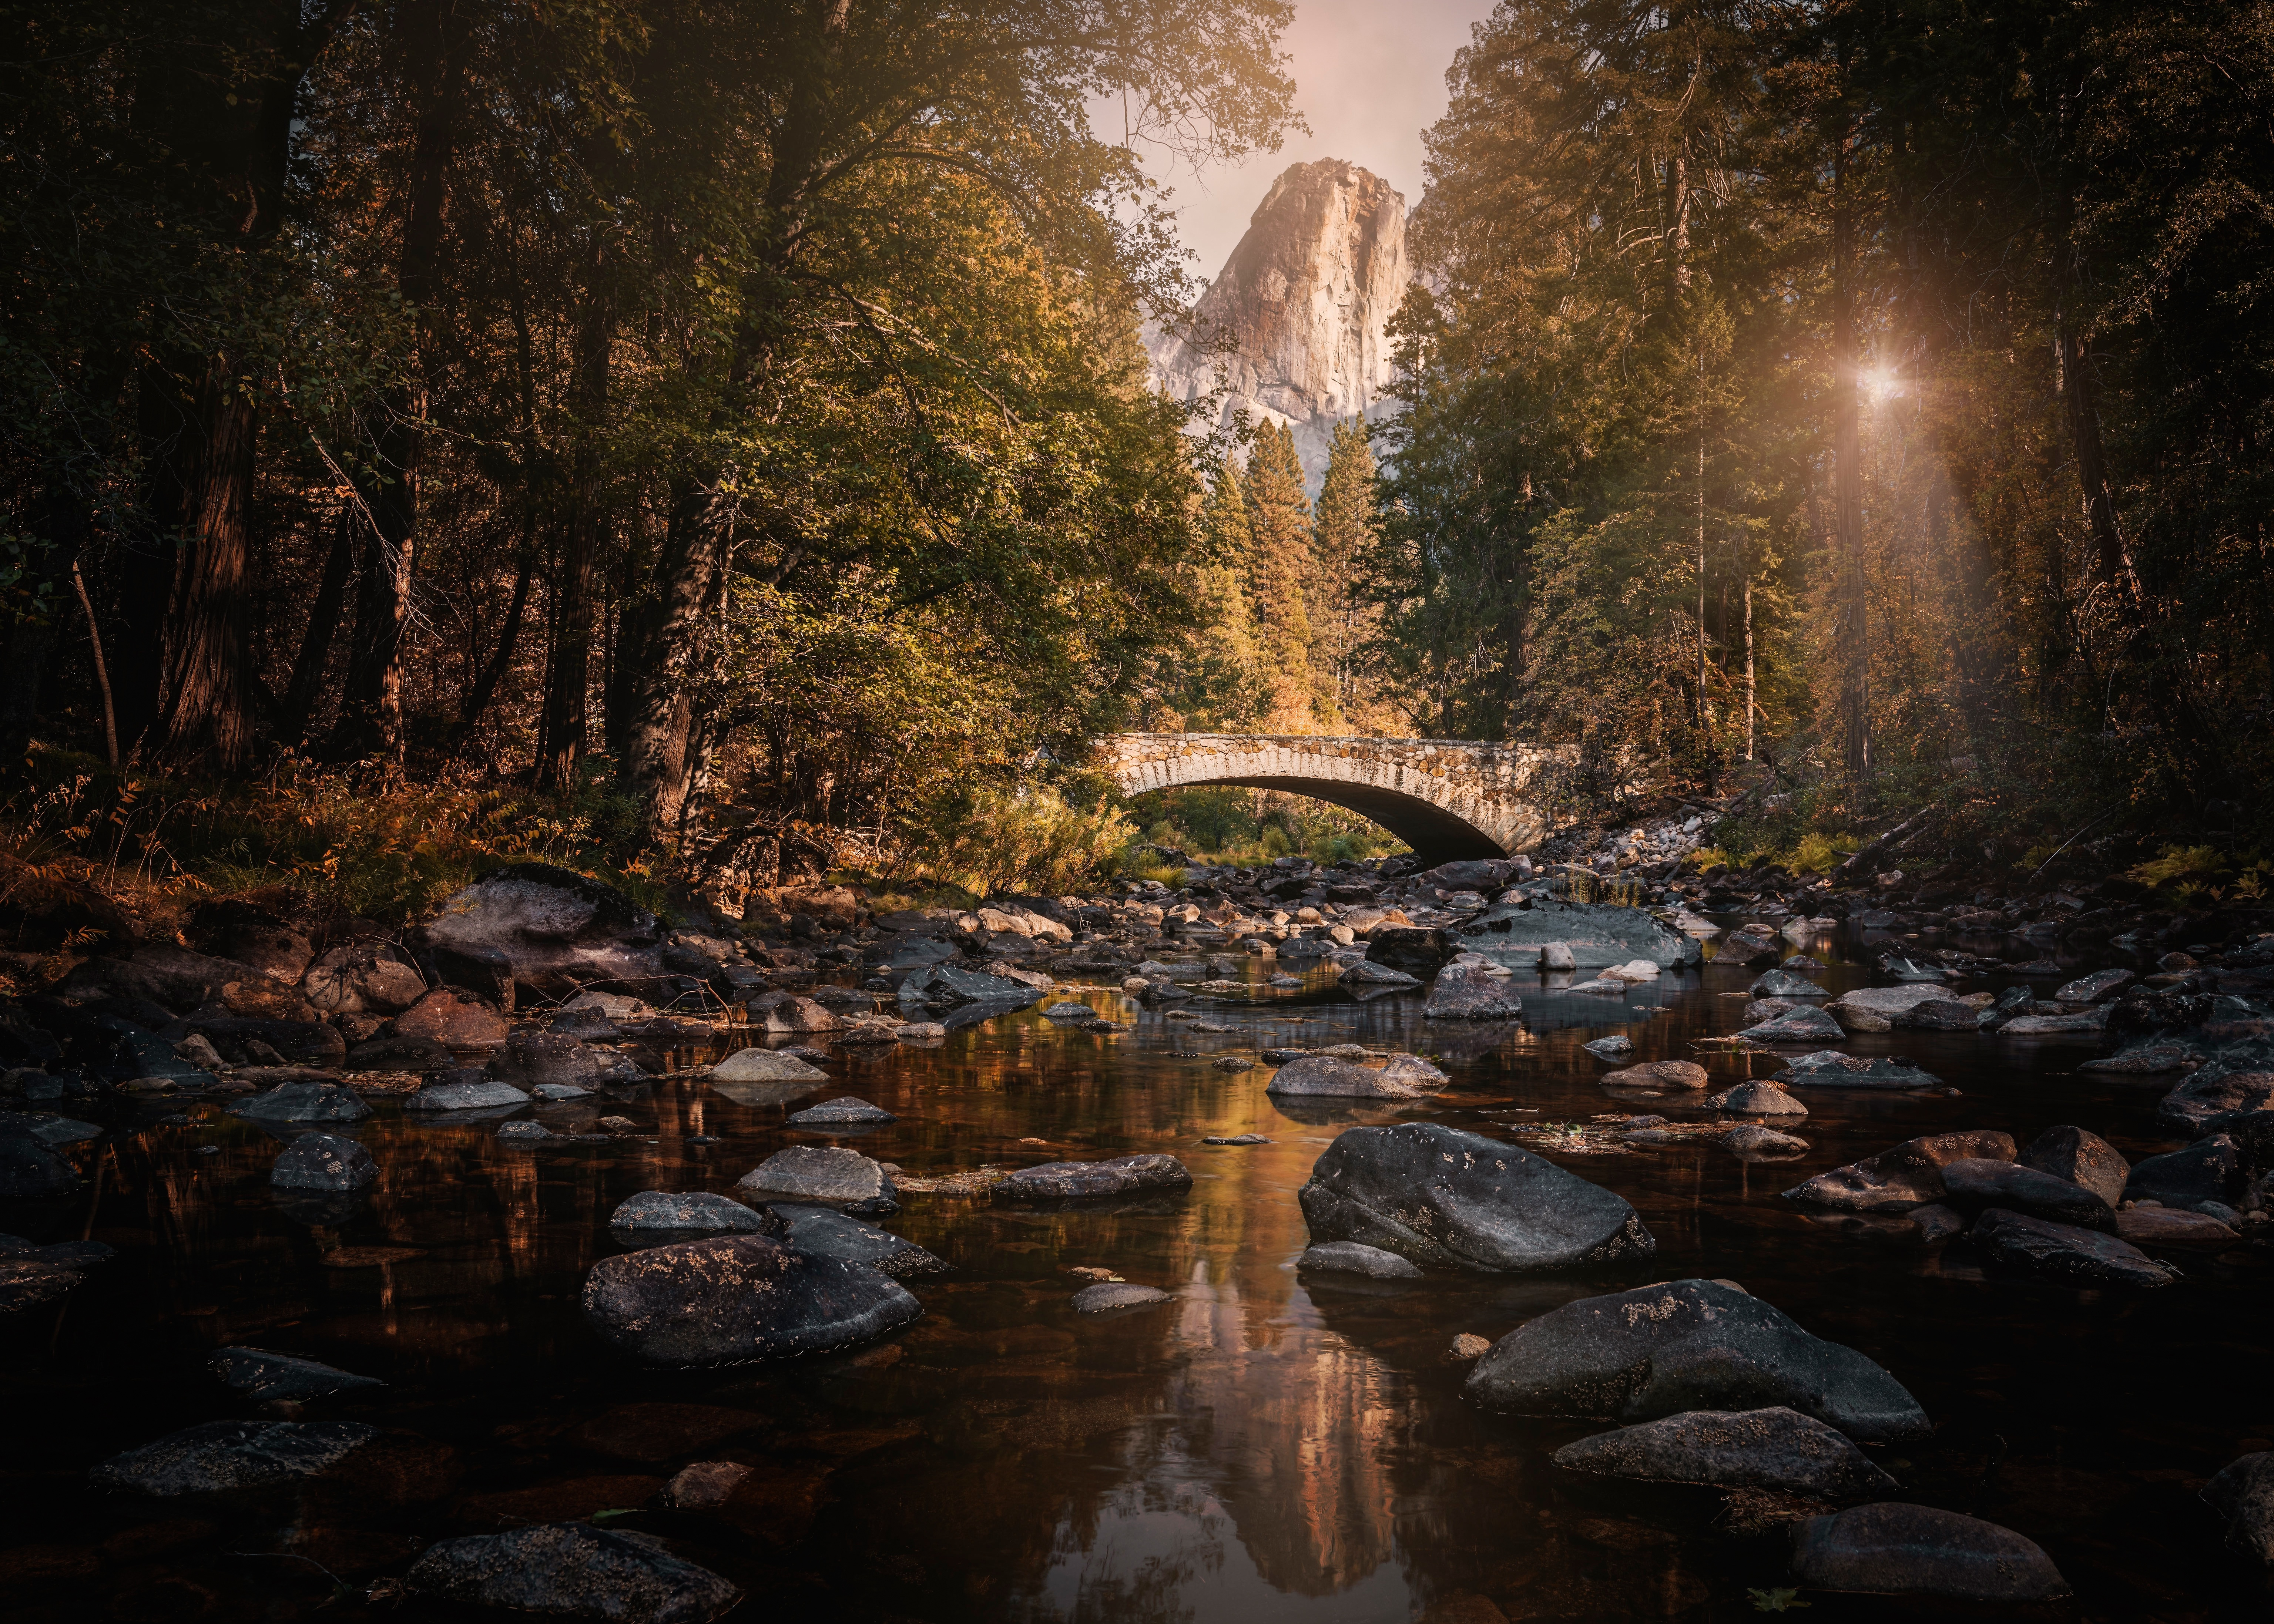 Bridge River Rock Usa 6144x4389